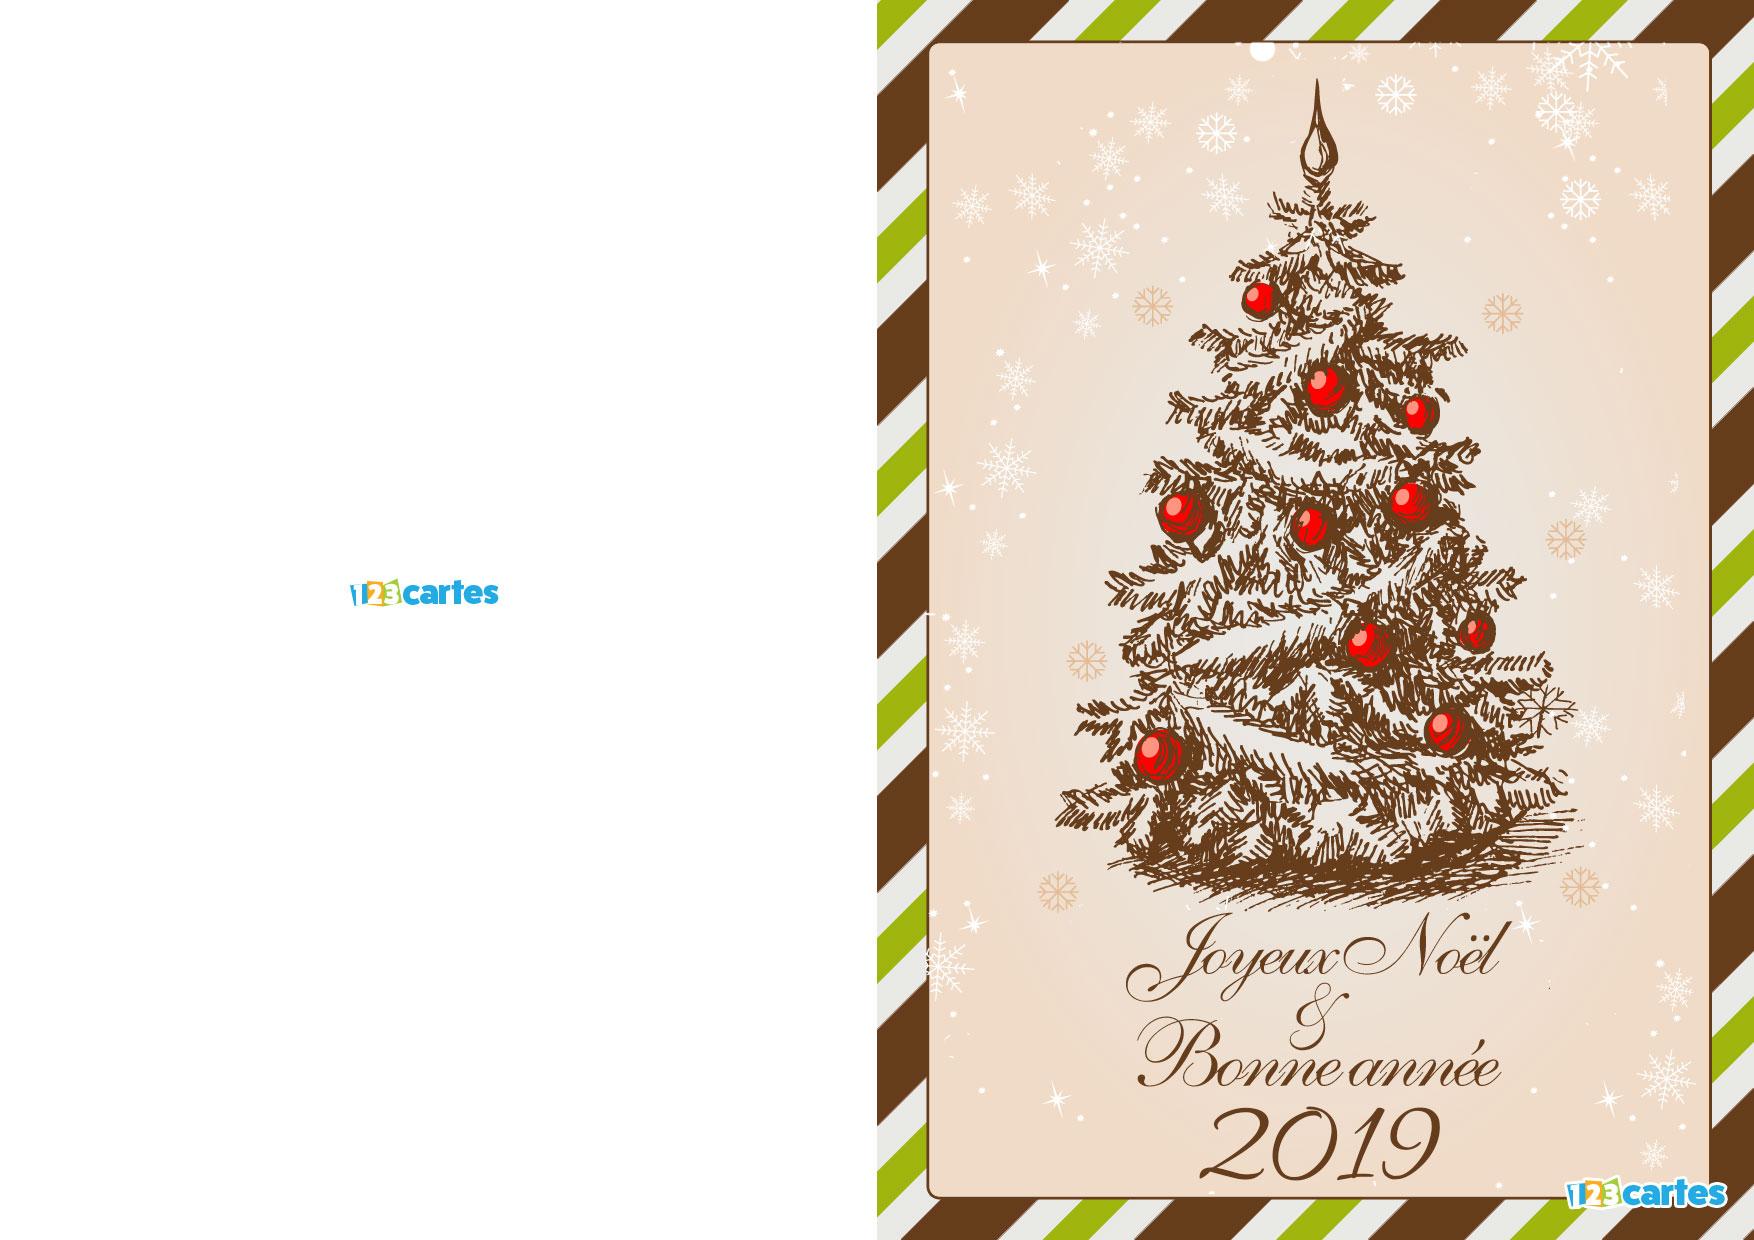 Bonne Année 2019: Carte Bonne Annee 2019 A Imprimer Gratuite intérieur Carte De Bonne Année Gratuite A Imprimer